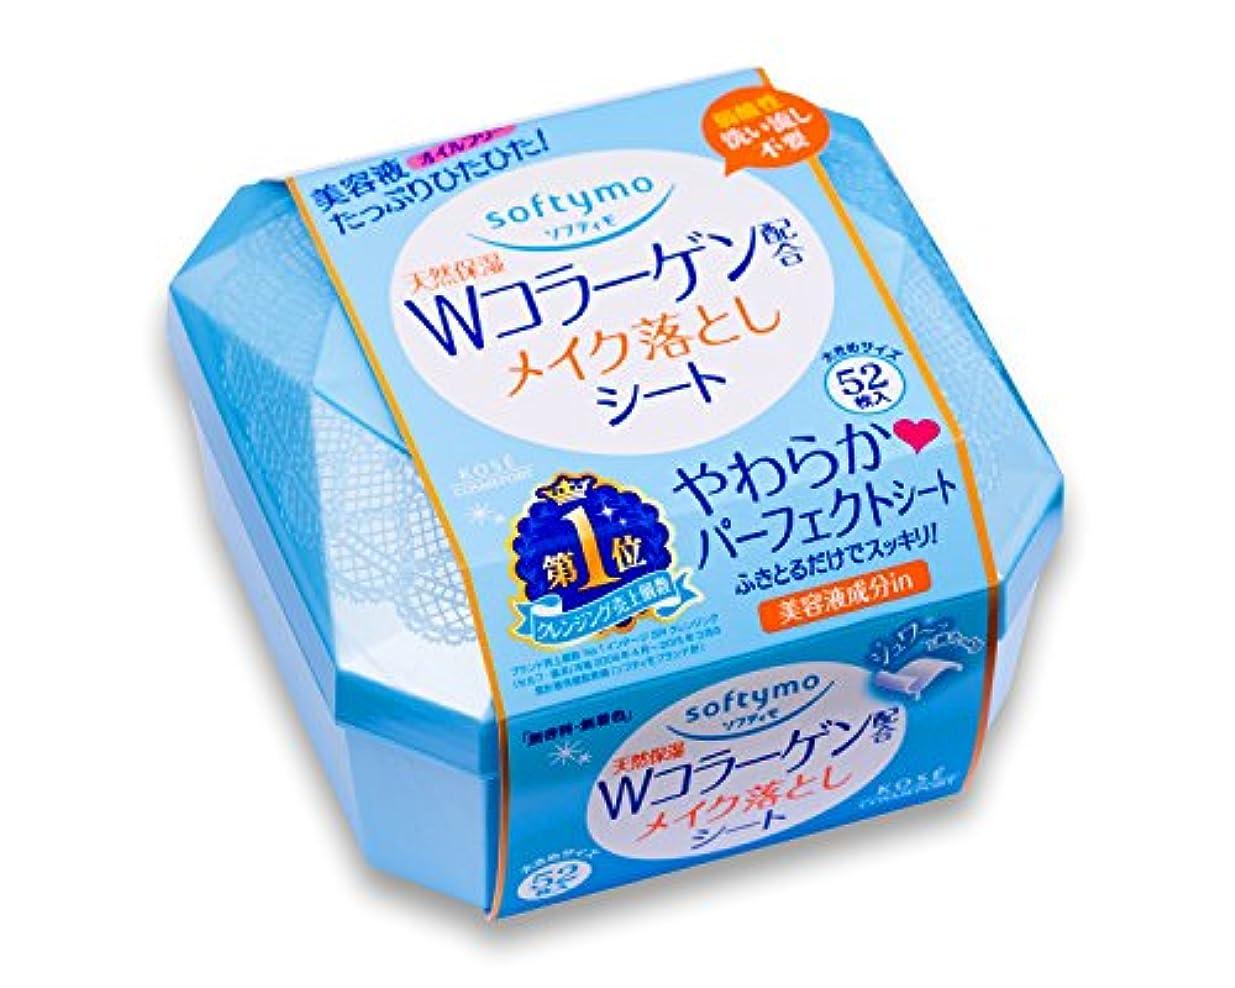 啓発する自伝独占KOSE コーセー ソフティモ メイク落としシート(C) b (コラーゲン) 52枚入 (172ml)